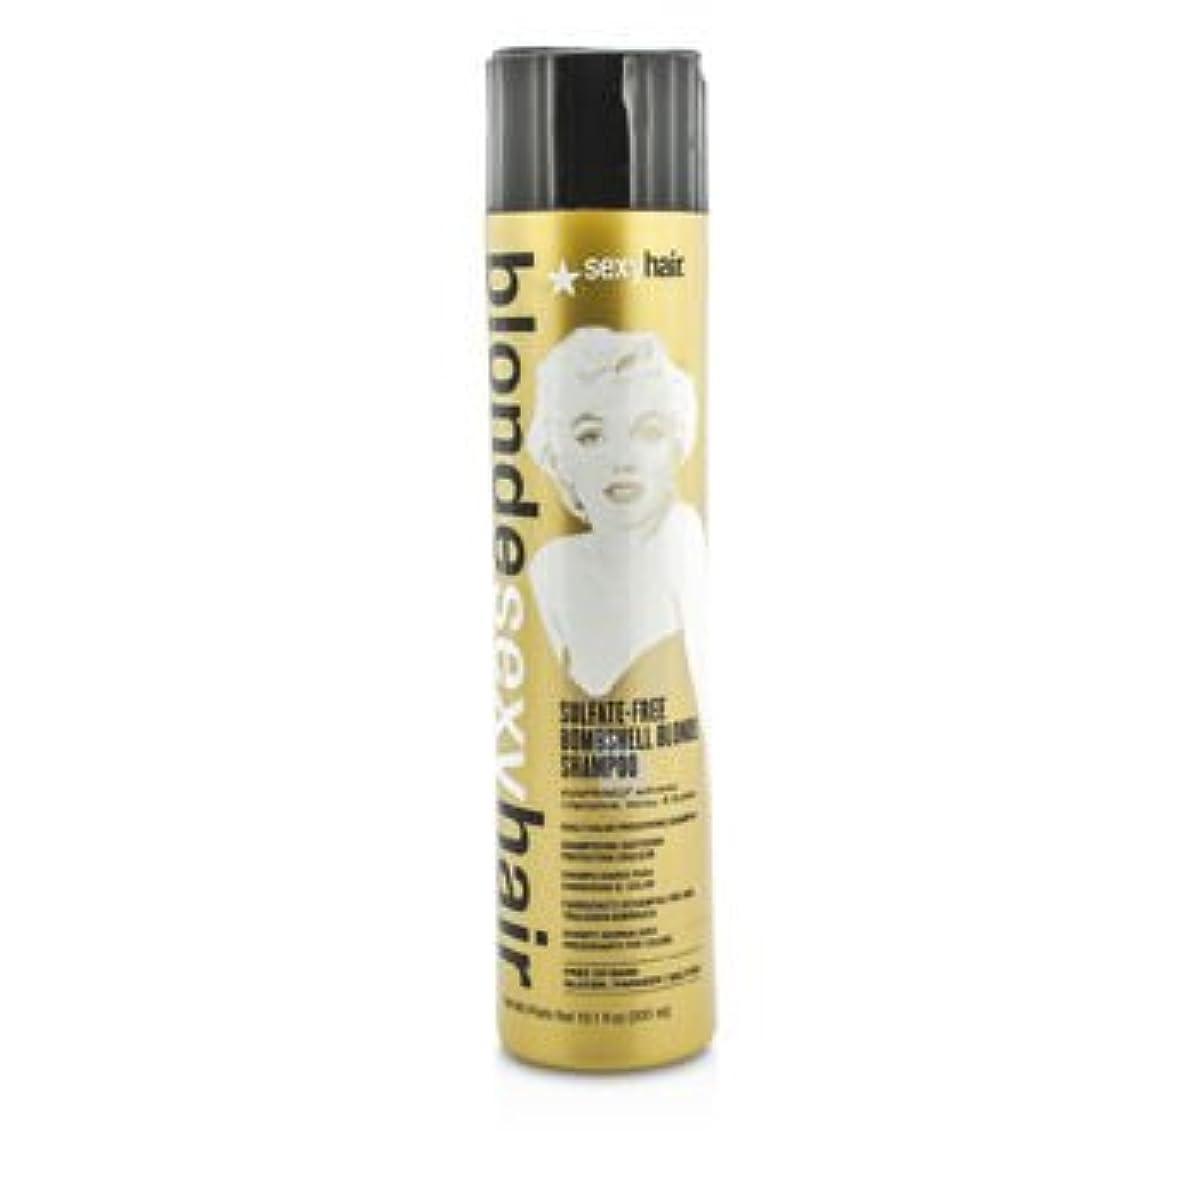 着る理論端末[Sexy Hair Concepts] Blonde Sexy Hair Sulfate-Free Bombshell Blonde Shampoo (Daily Color Preserving) 300ml/10.1oz